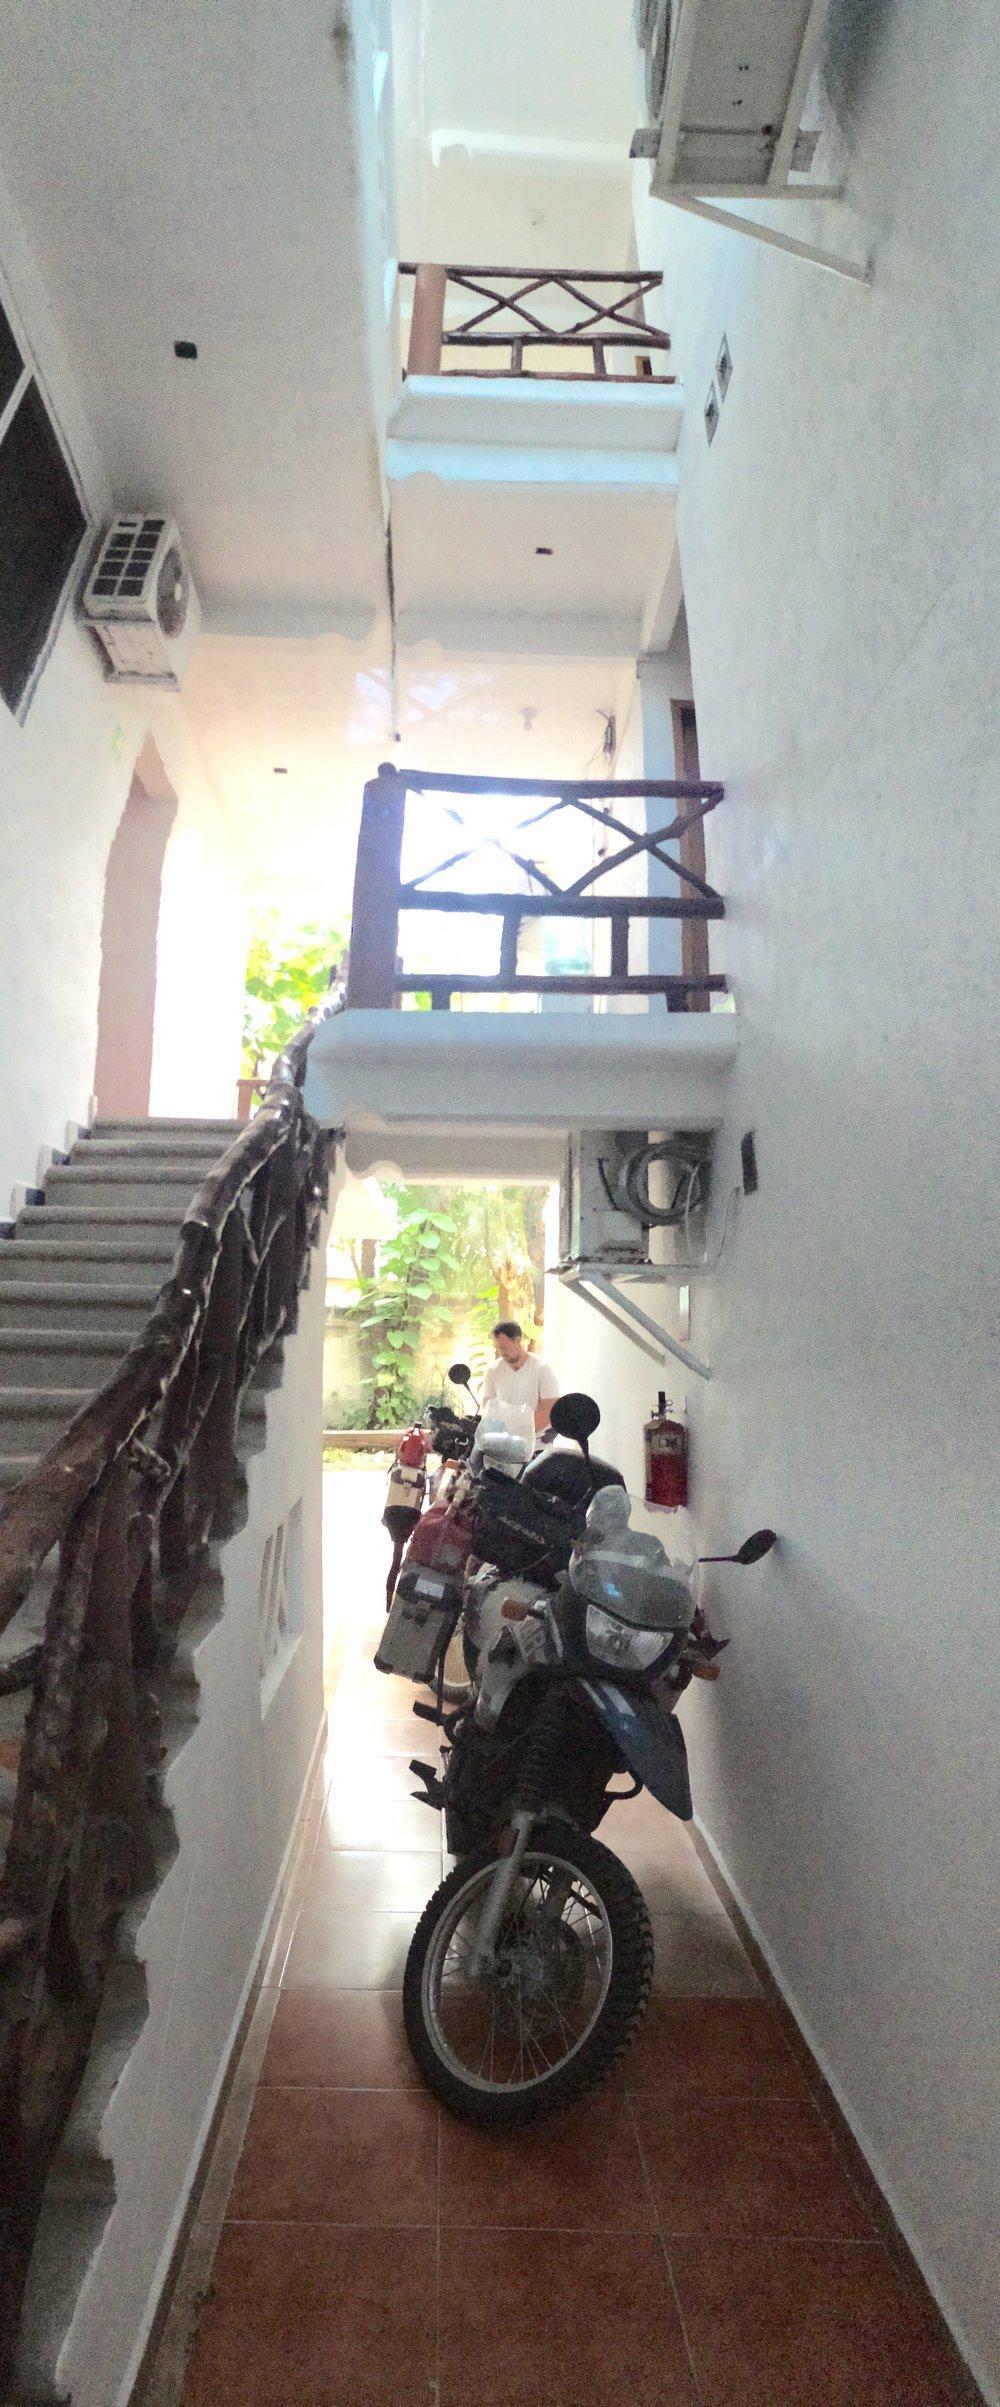 Indoor parking at Hotel Azul in Cuidad del Carmen